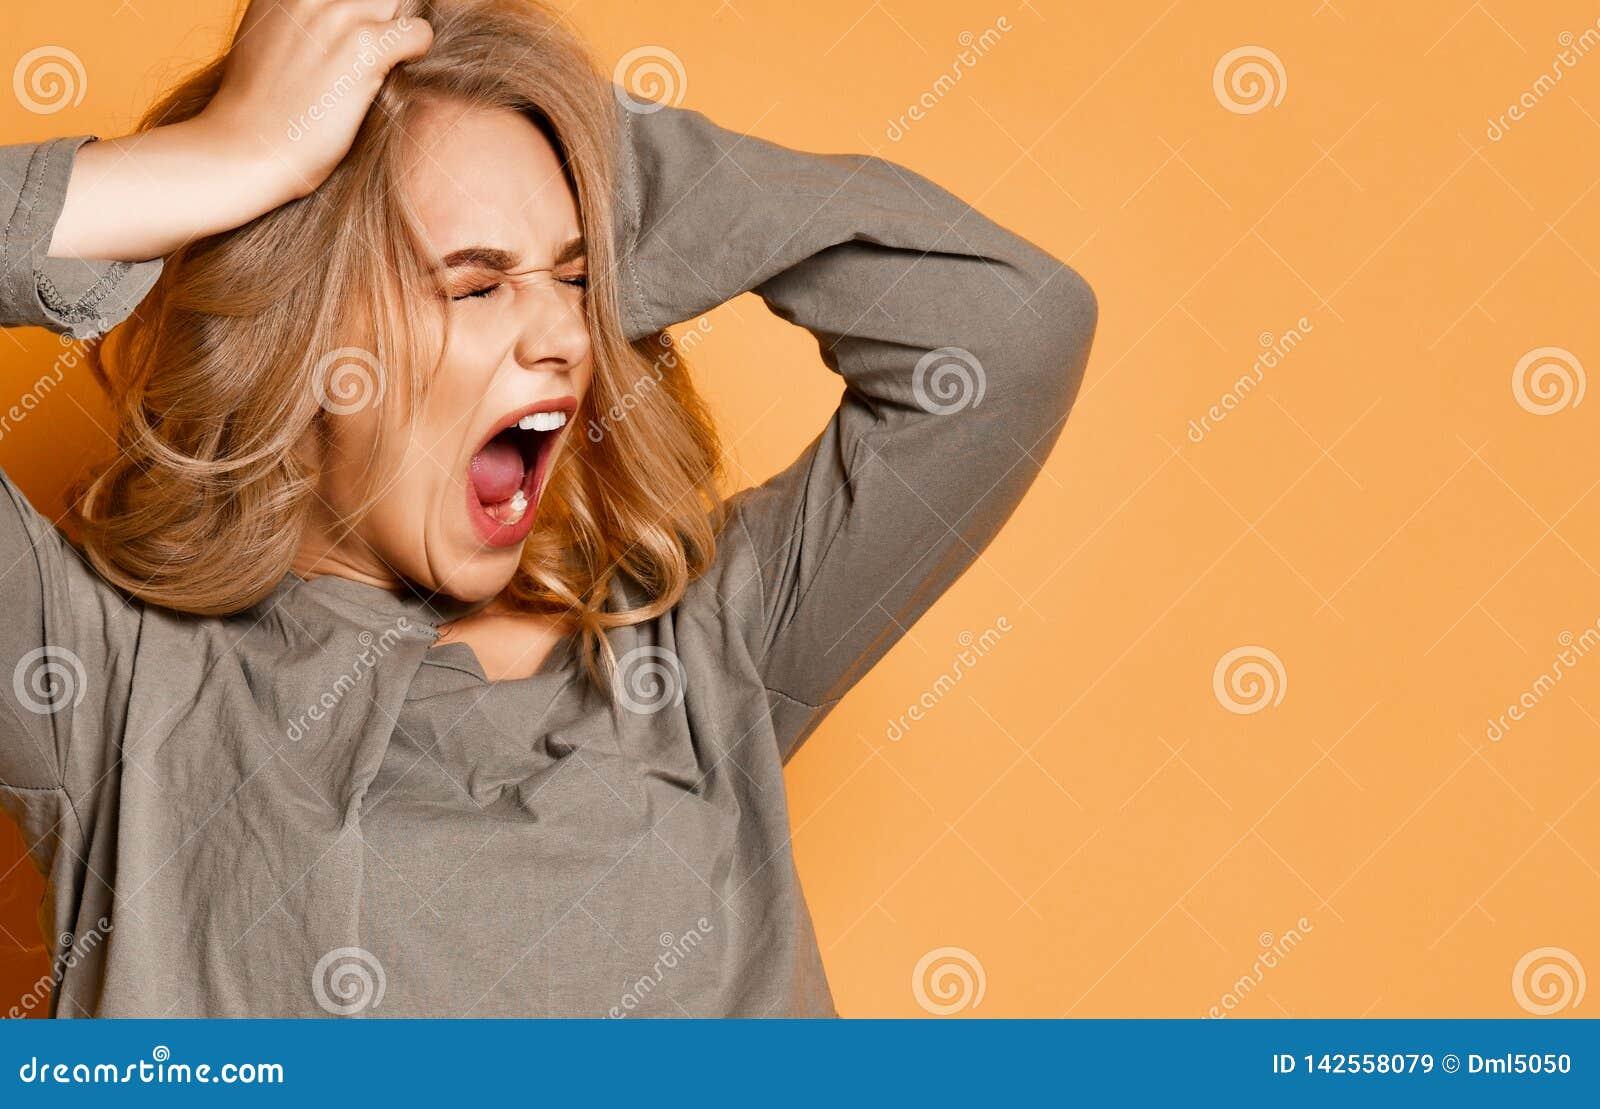 Het jonge blondemeisje in korte blouse heeft in een vreselijke situatie Zij scheurt uit haar haar en schreeuwt luid